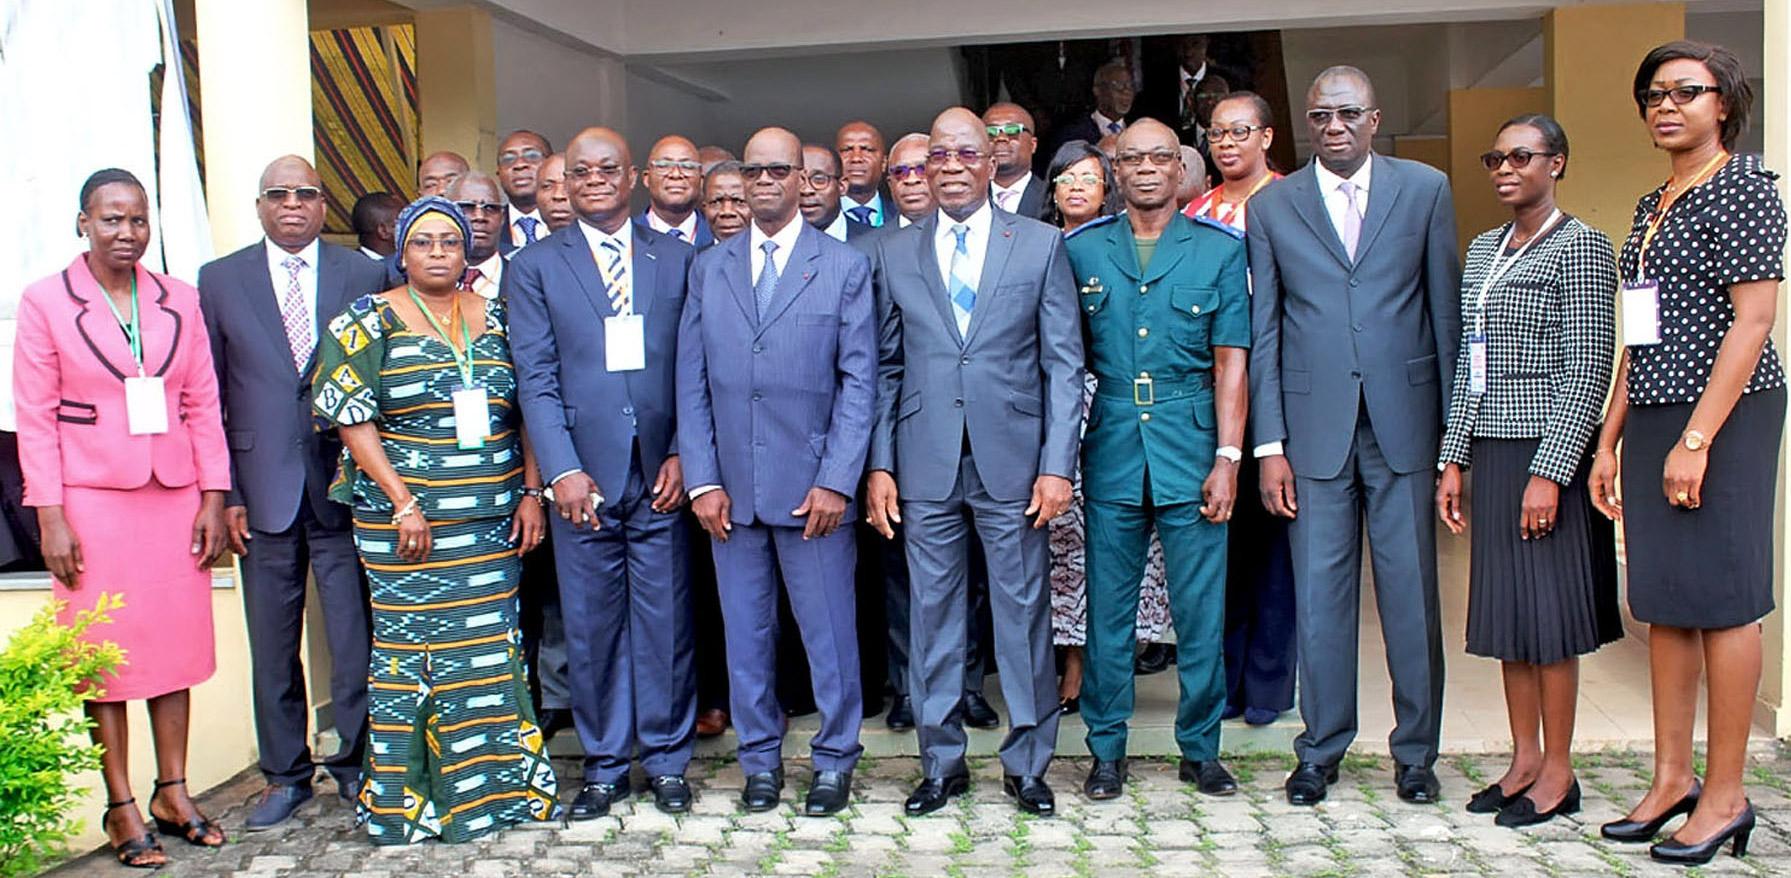 Trésor et comptabilité publique,paieries,Côte d'Ivoire,Assahoré Konan Jacques,Yamoussoukro